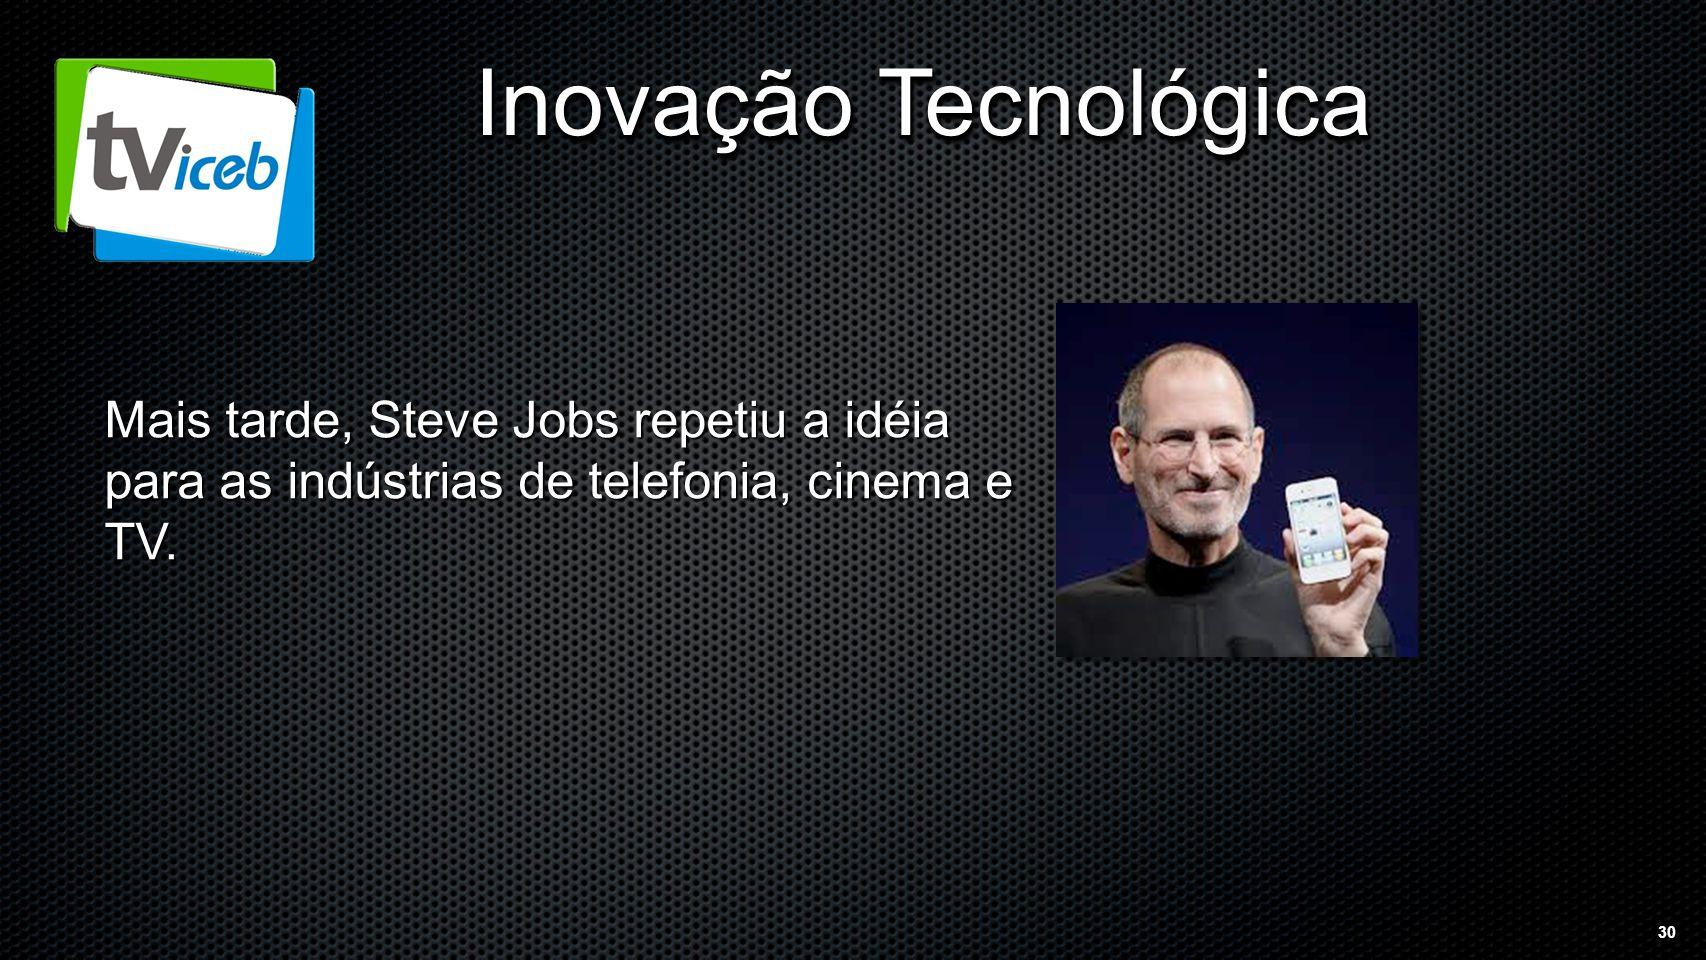 30 Inovação Tecnológica Mais tarde, Steve Jobs repetiu a idéia para as indústrias de telefonia, cinema e TV.